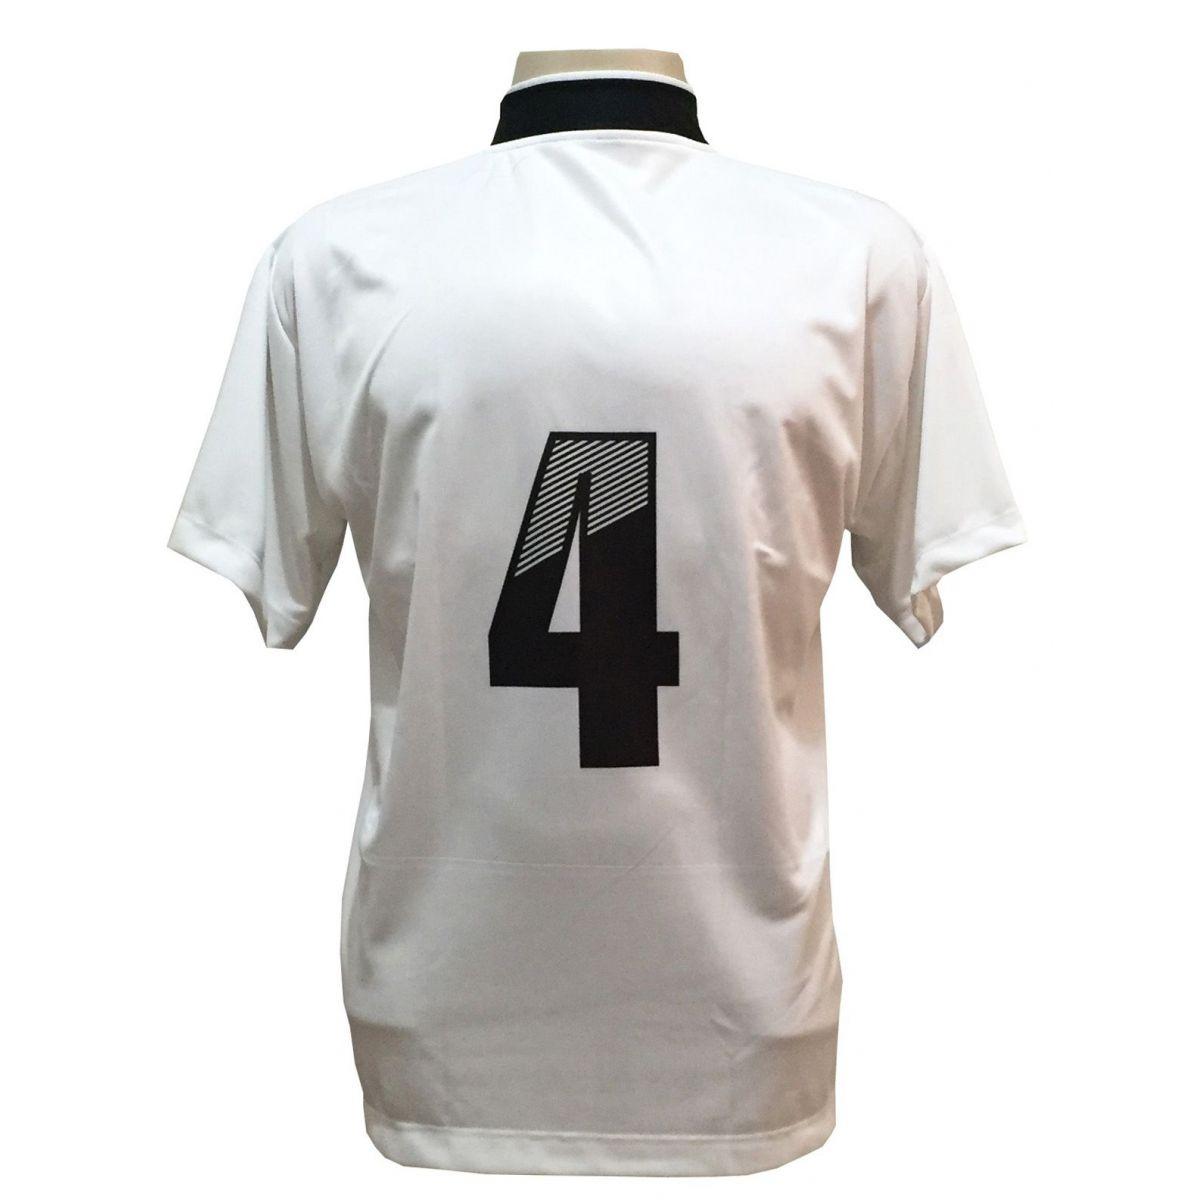 Uniforme Esportivo Completo modelo Suécia 14+1 (14 camisas Branco/Preto + 14 calções Madrid Branco + 14 pares de meiões Brancos + 1 conjunto de goleiro) + Brindes